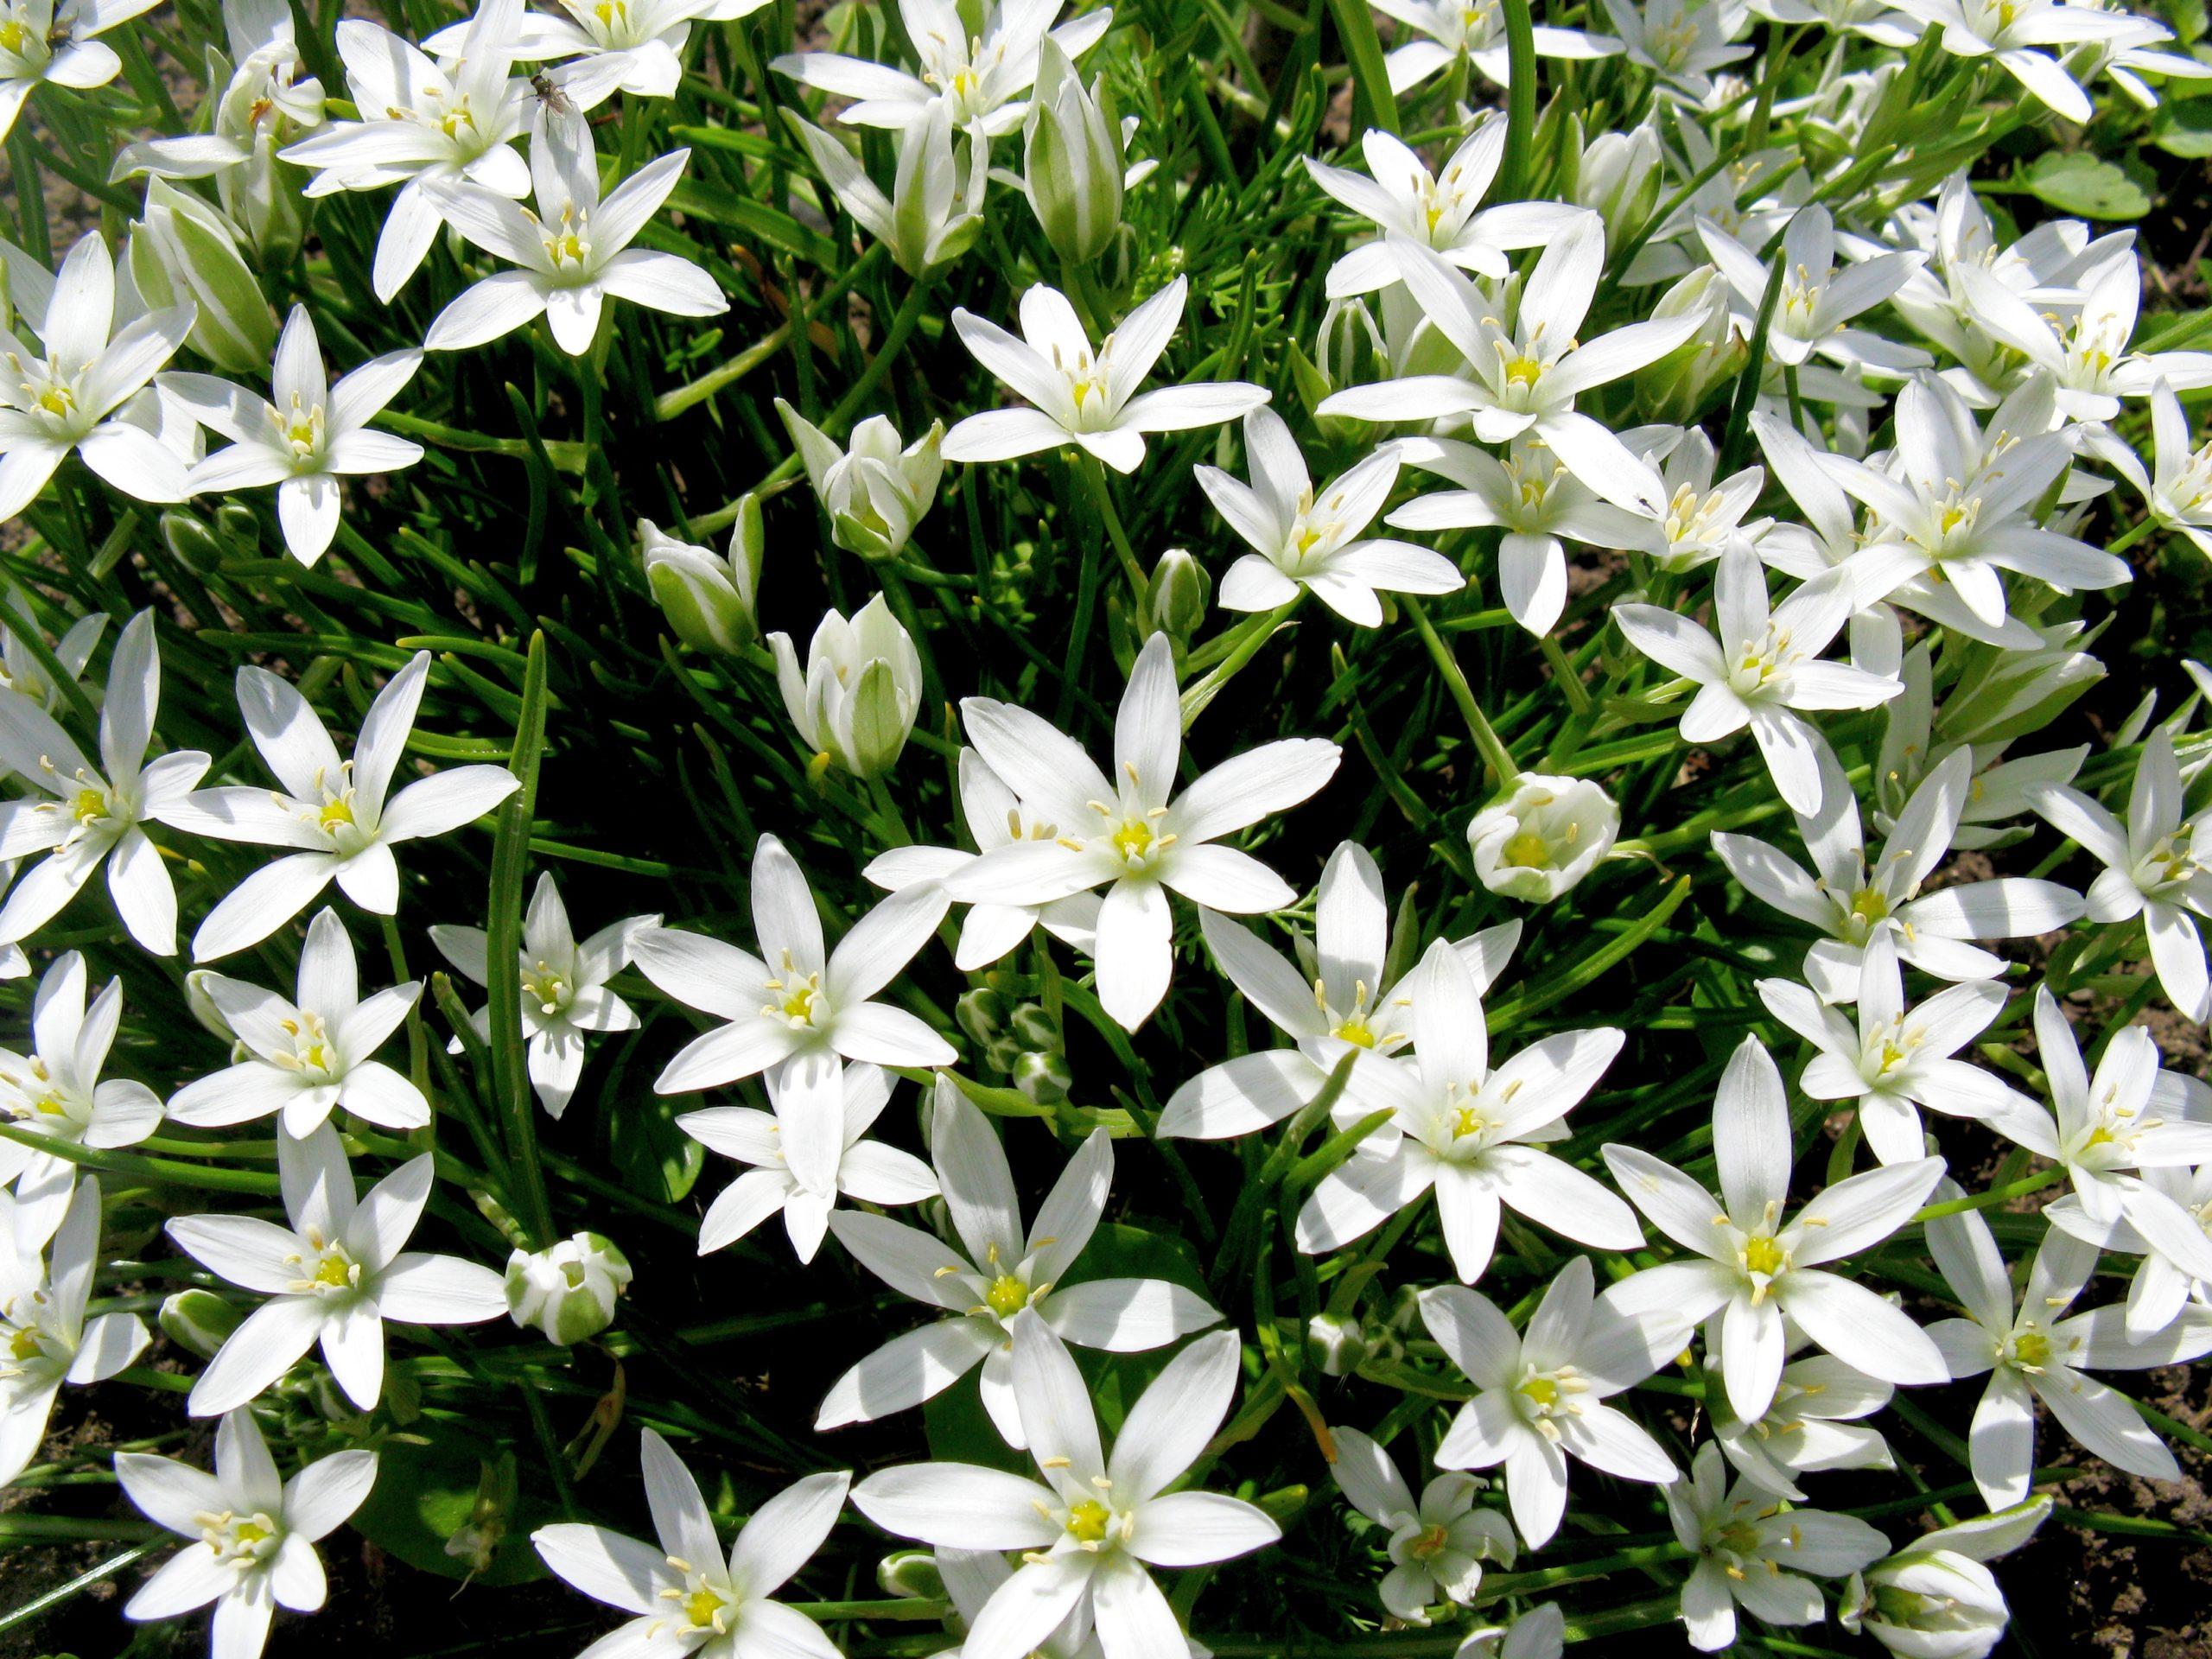 много белых цветов, зеленые листья